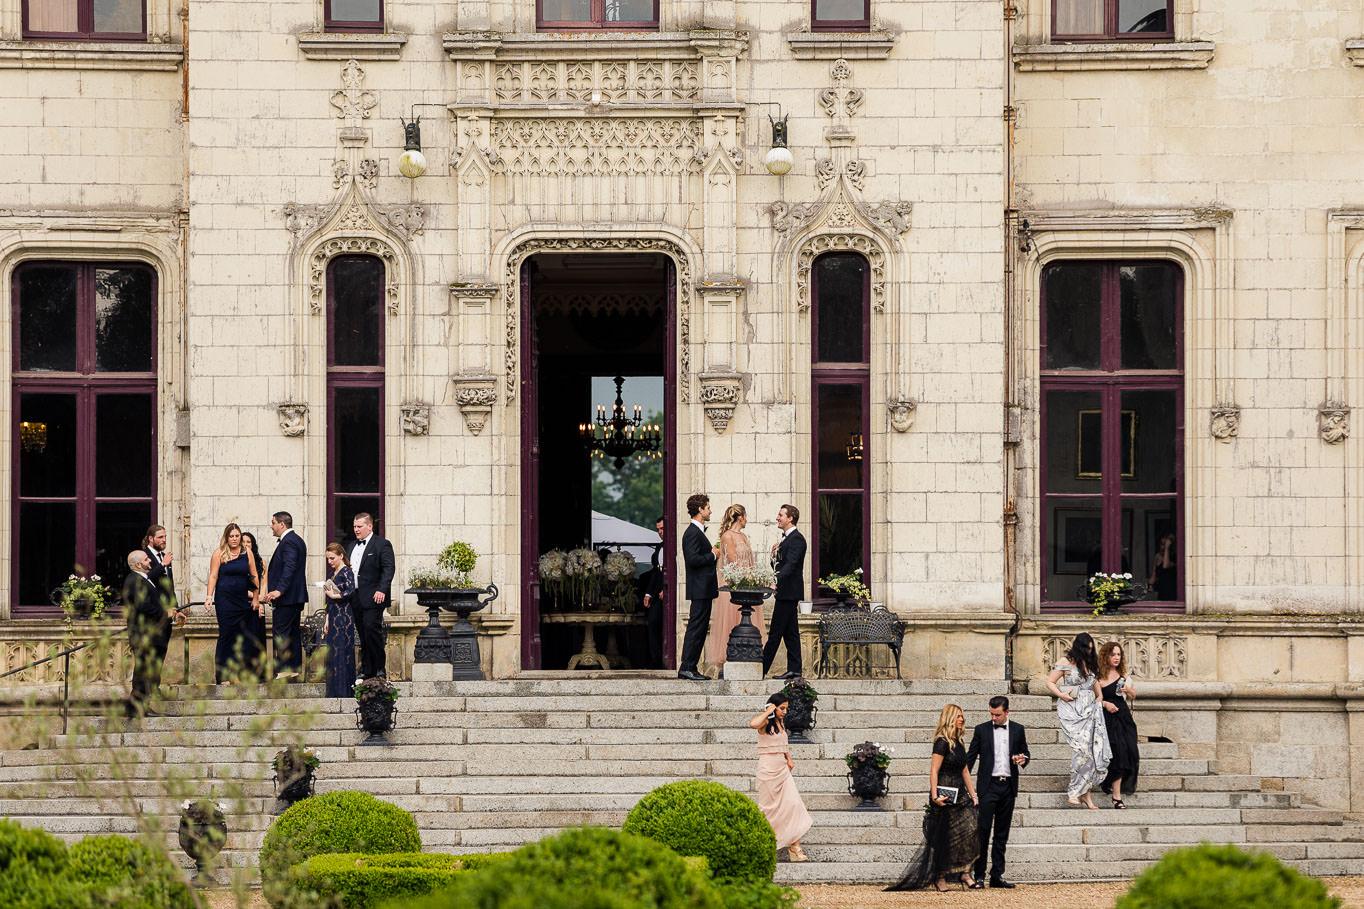 Chateau Challain guests entrance - KR